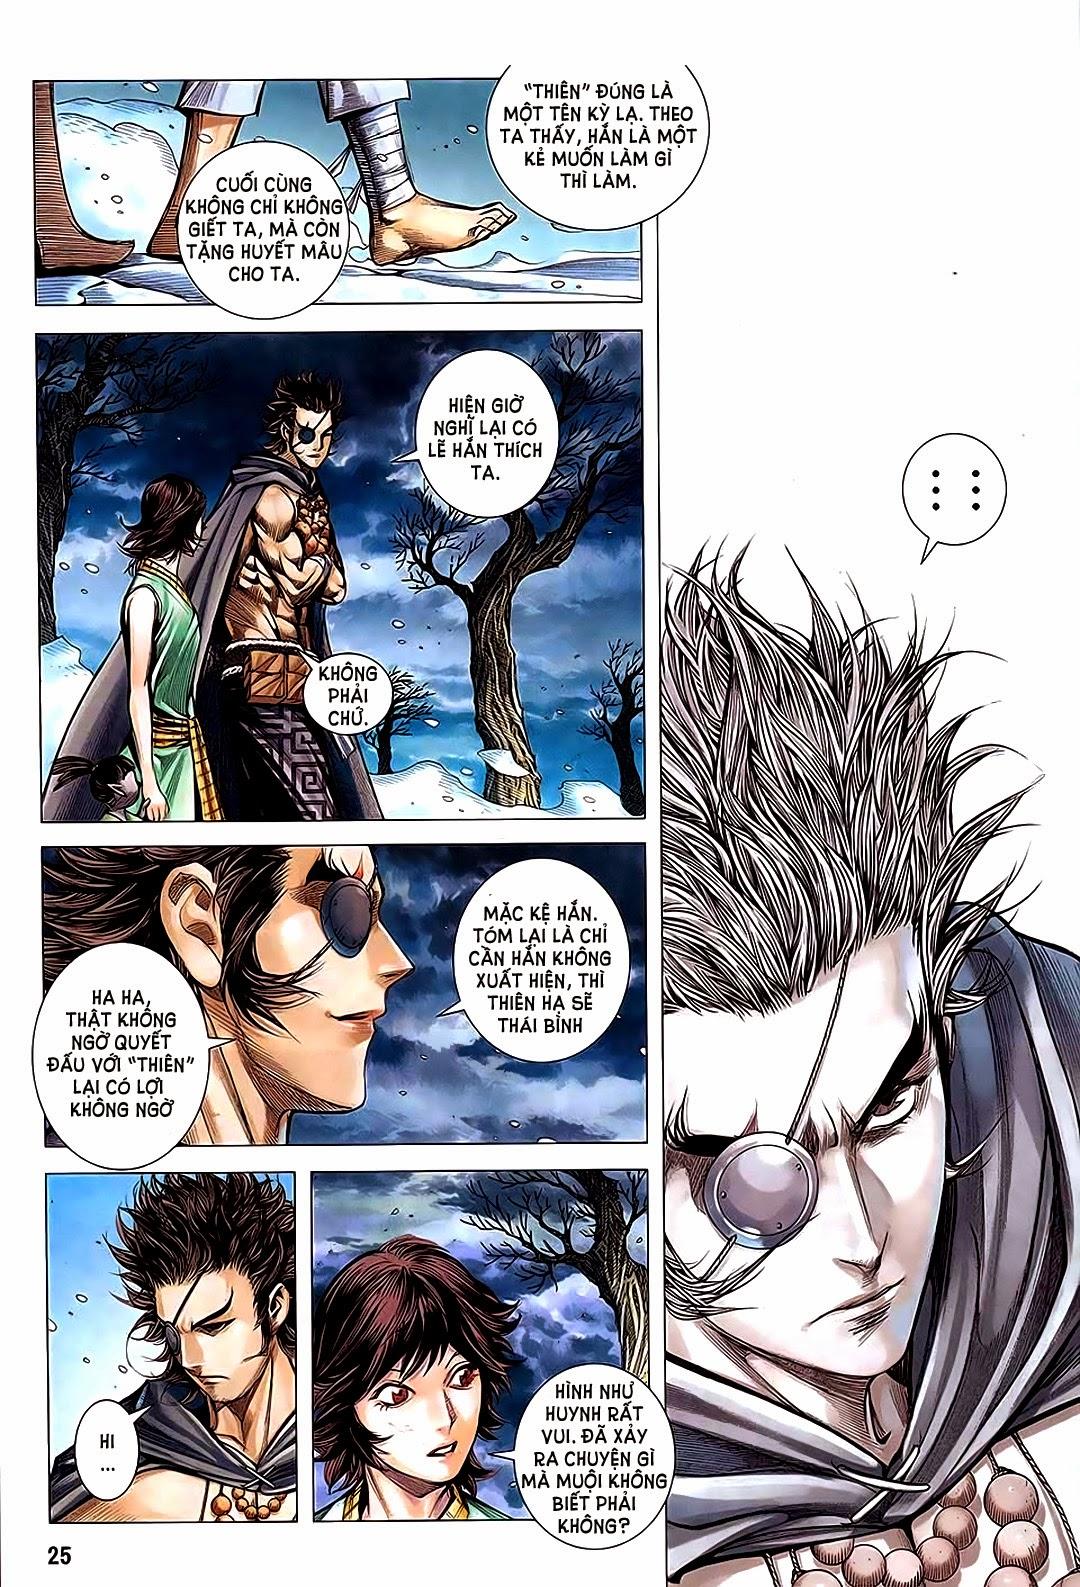 Phong Thần Ký Chap 182 - Trang 25